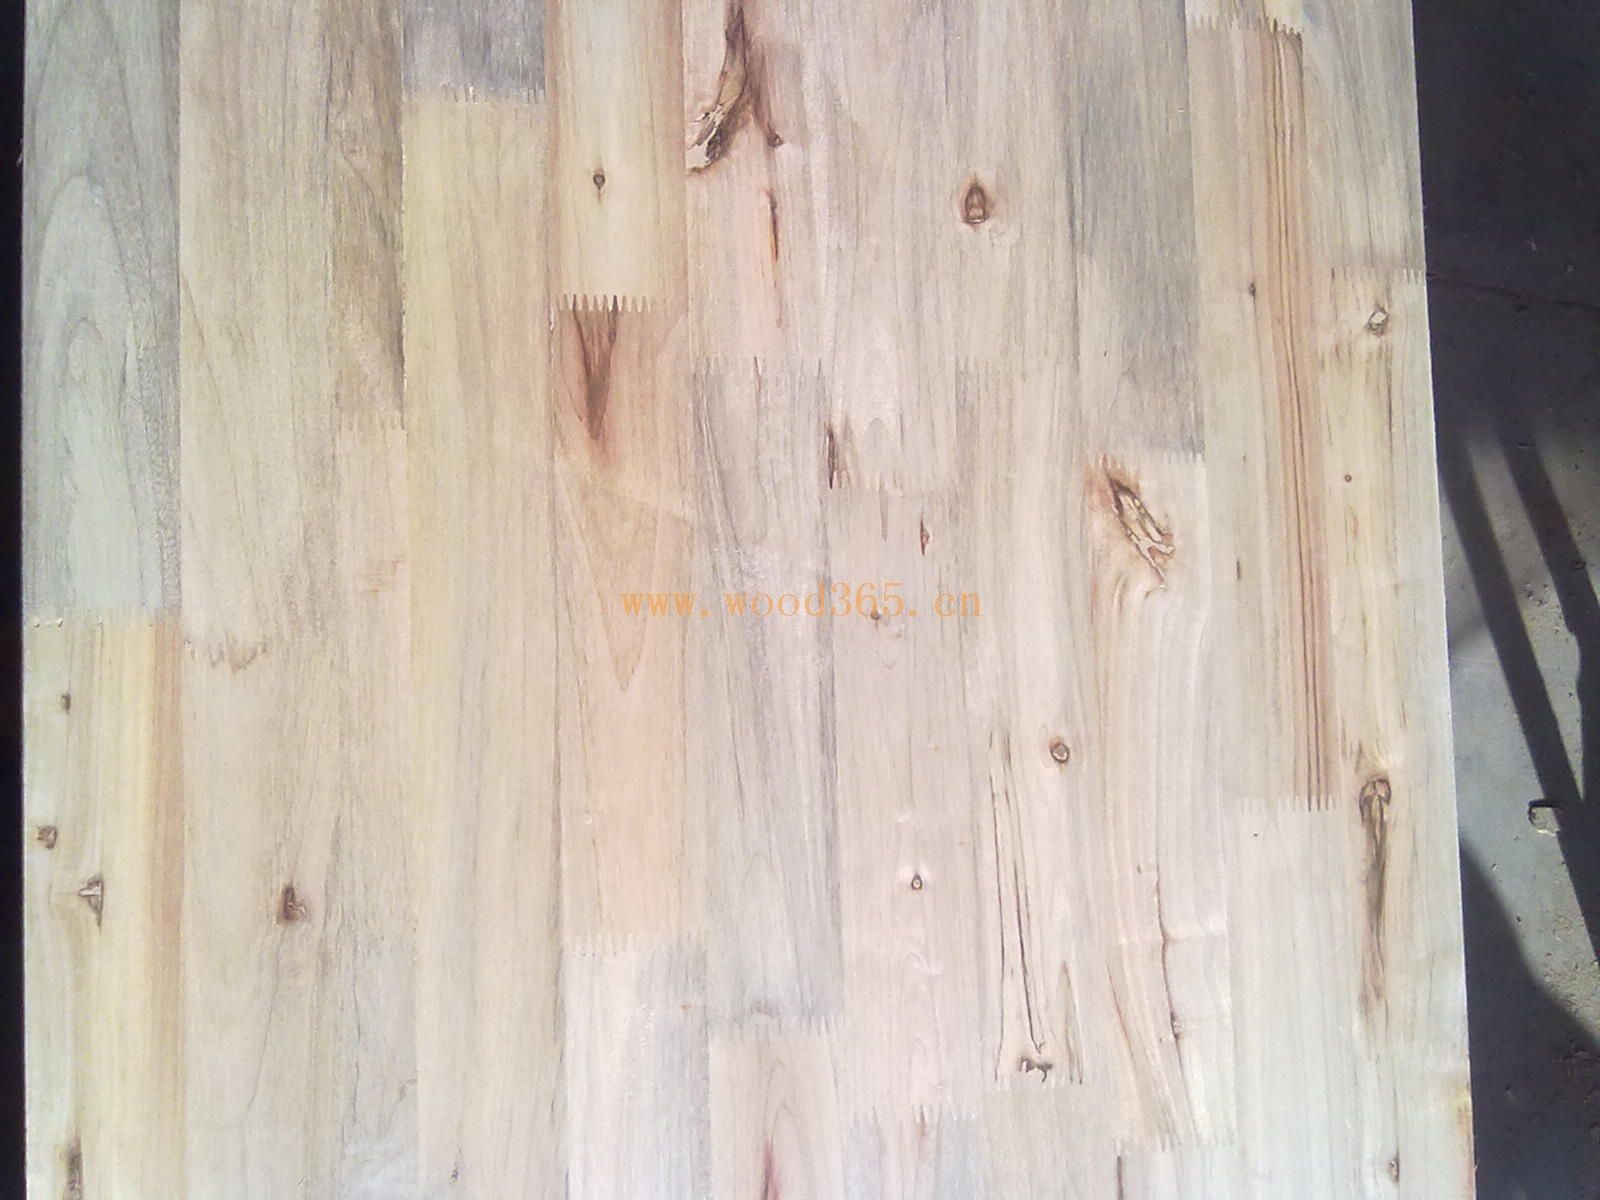 香樟木木质细密,有天然的美丽的纹理和花纹.